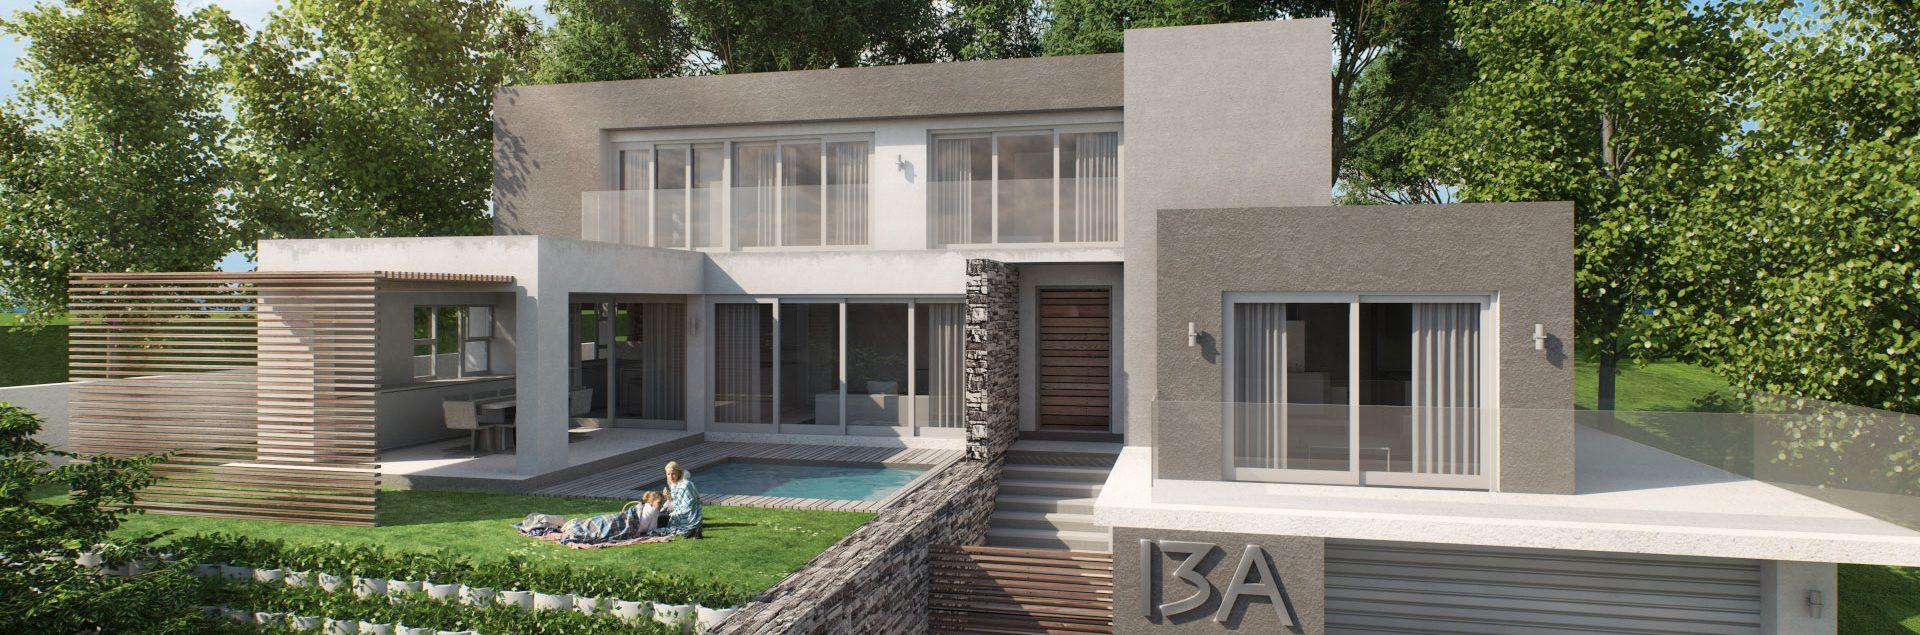 House Brigden